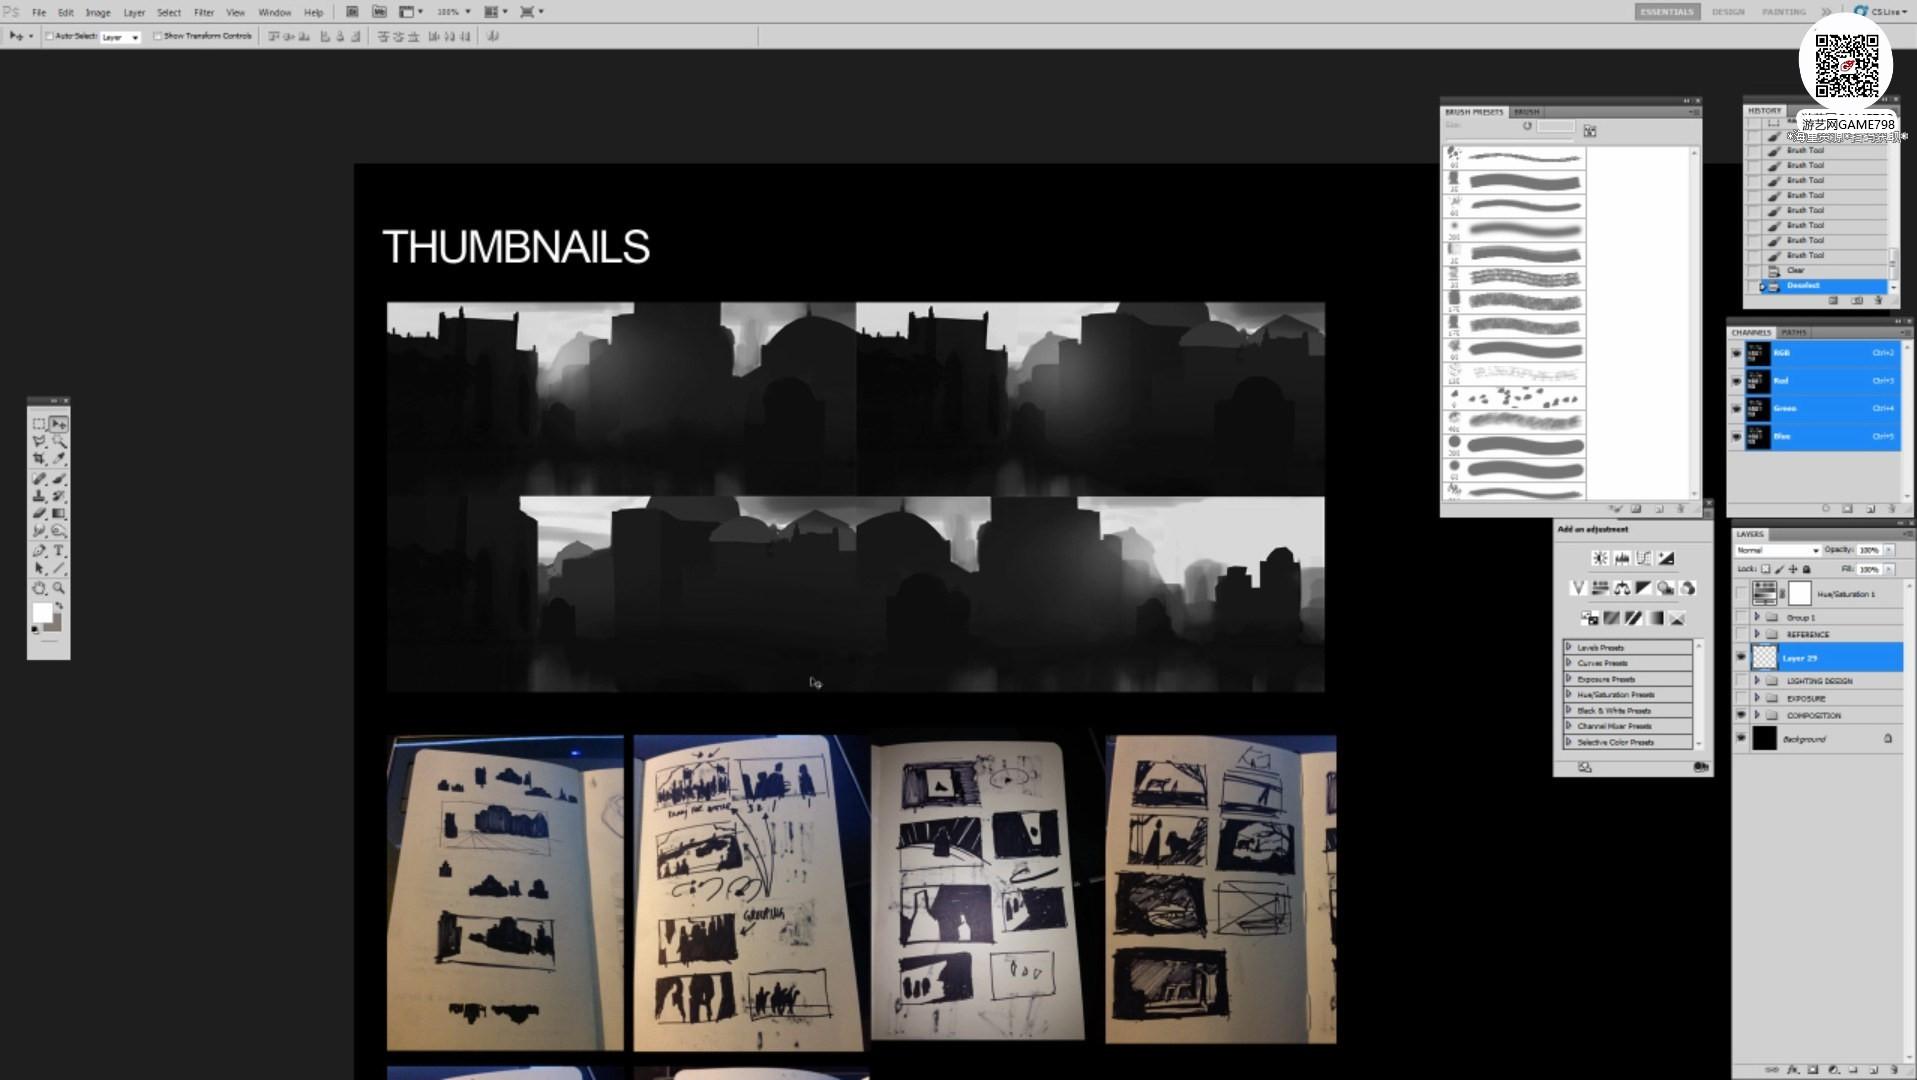 002_关注-游艺网GAME798海量资源下载【视频教程】超写实场景设定制作流程.jpg